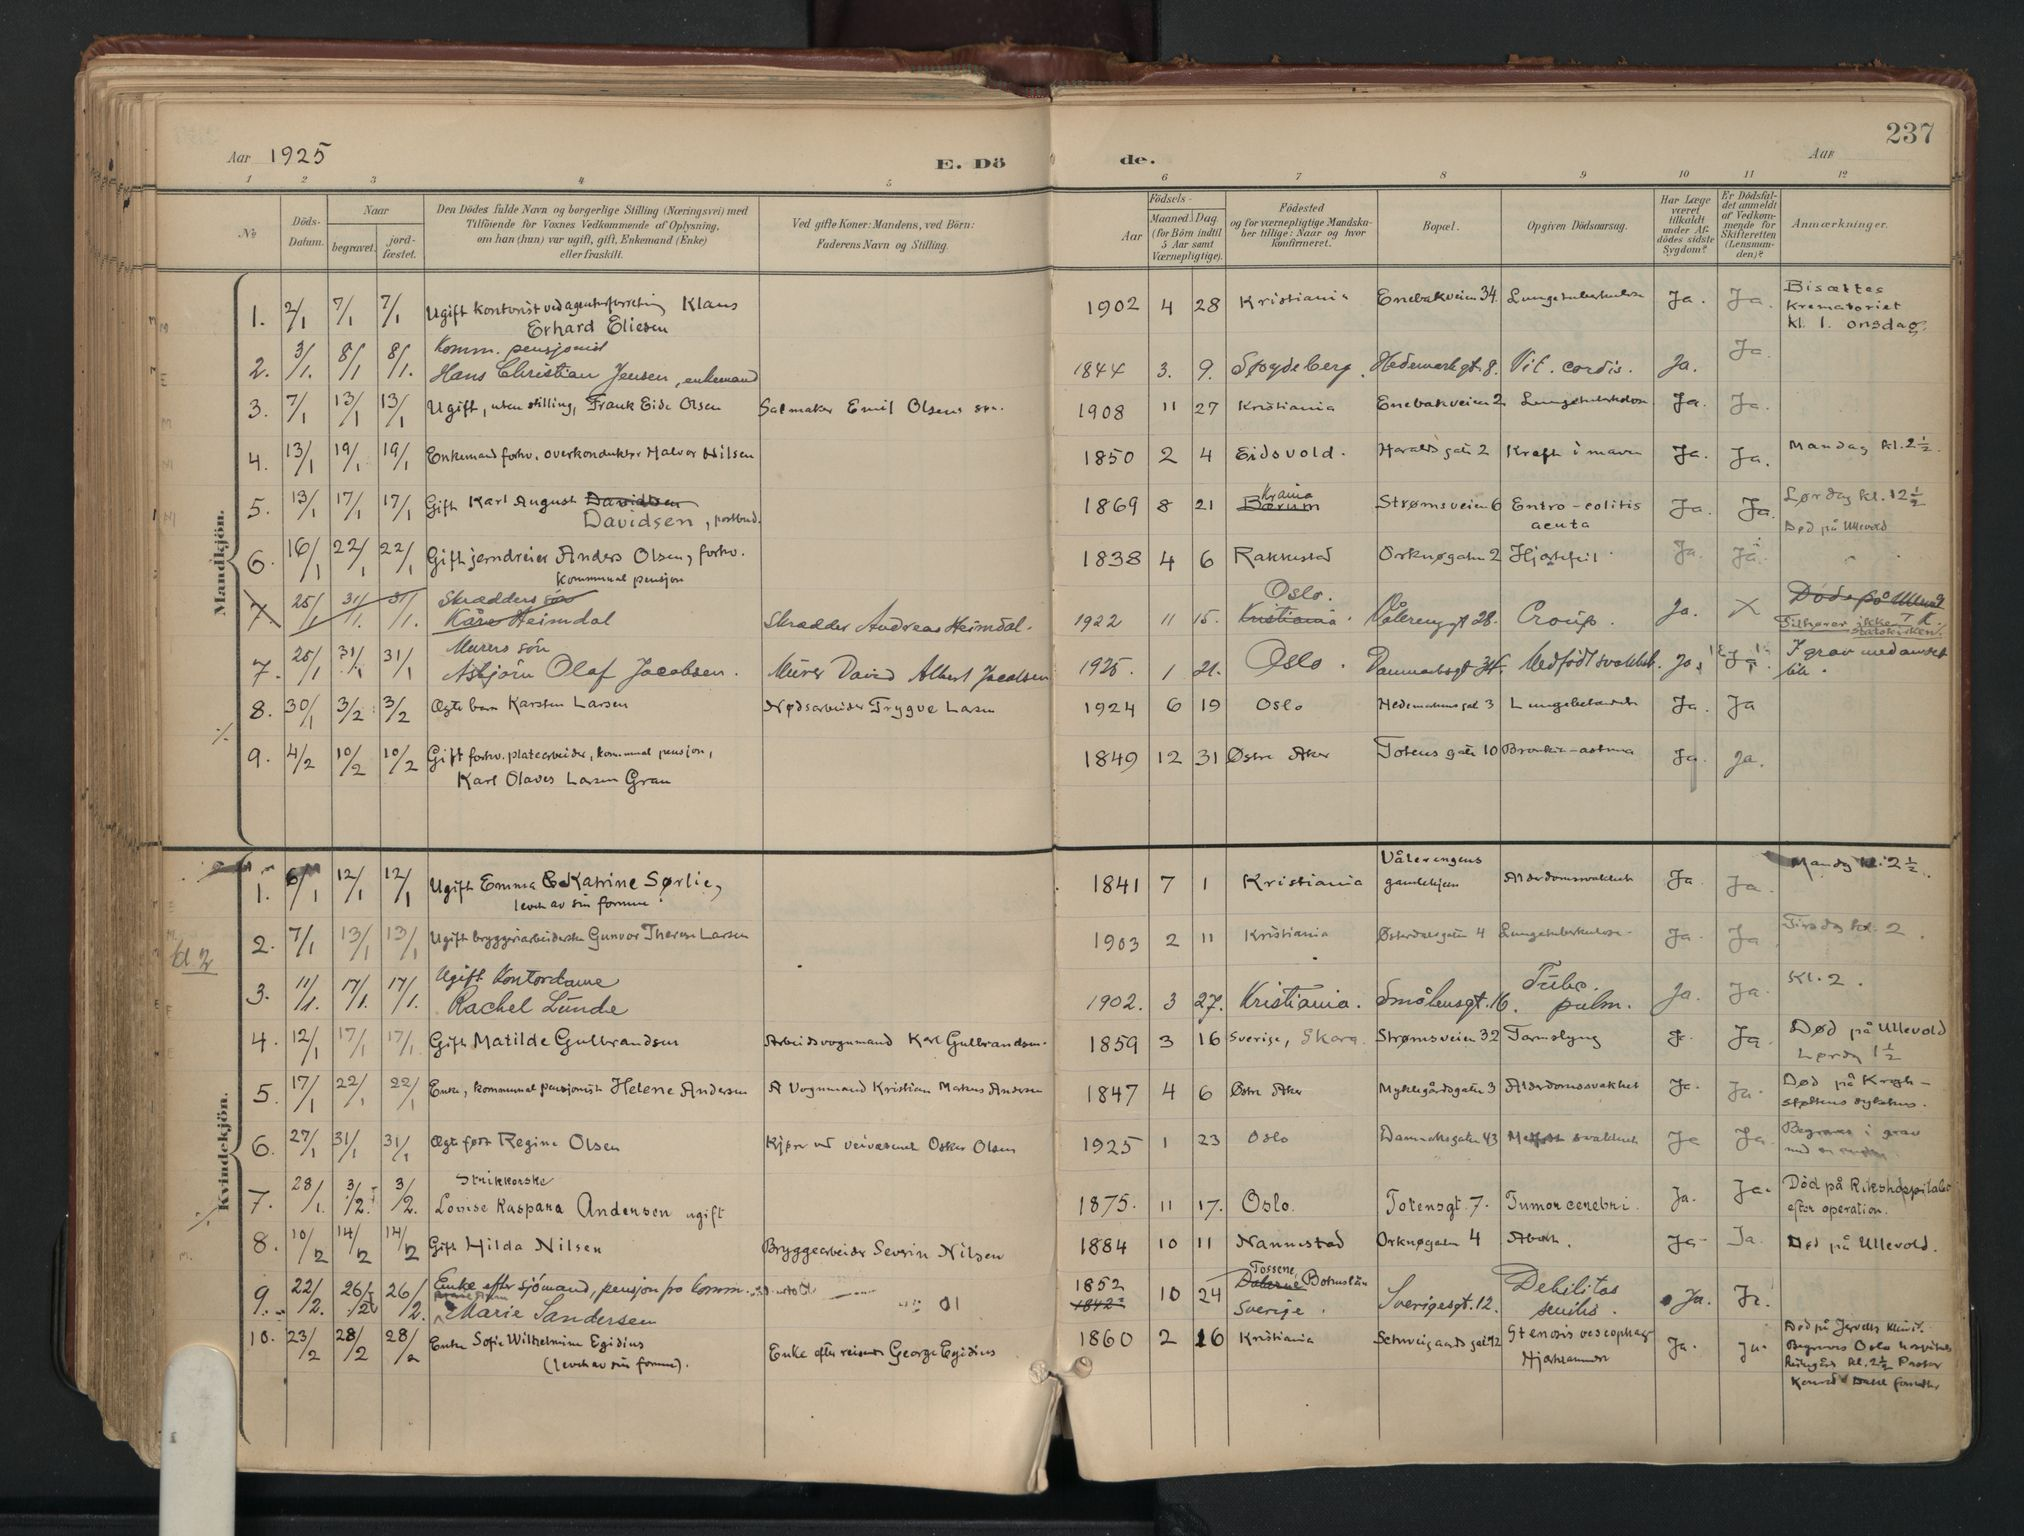 SAO, Vålerengen prestekontor Kirkebøker, F/Fa/L0003: Ministerialbok nr. 3, 1899-1930, s. 237